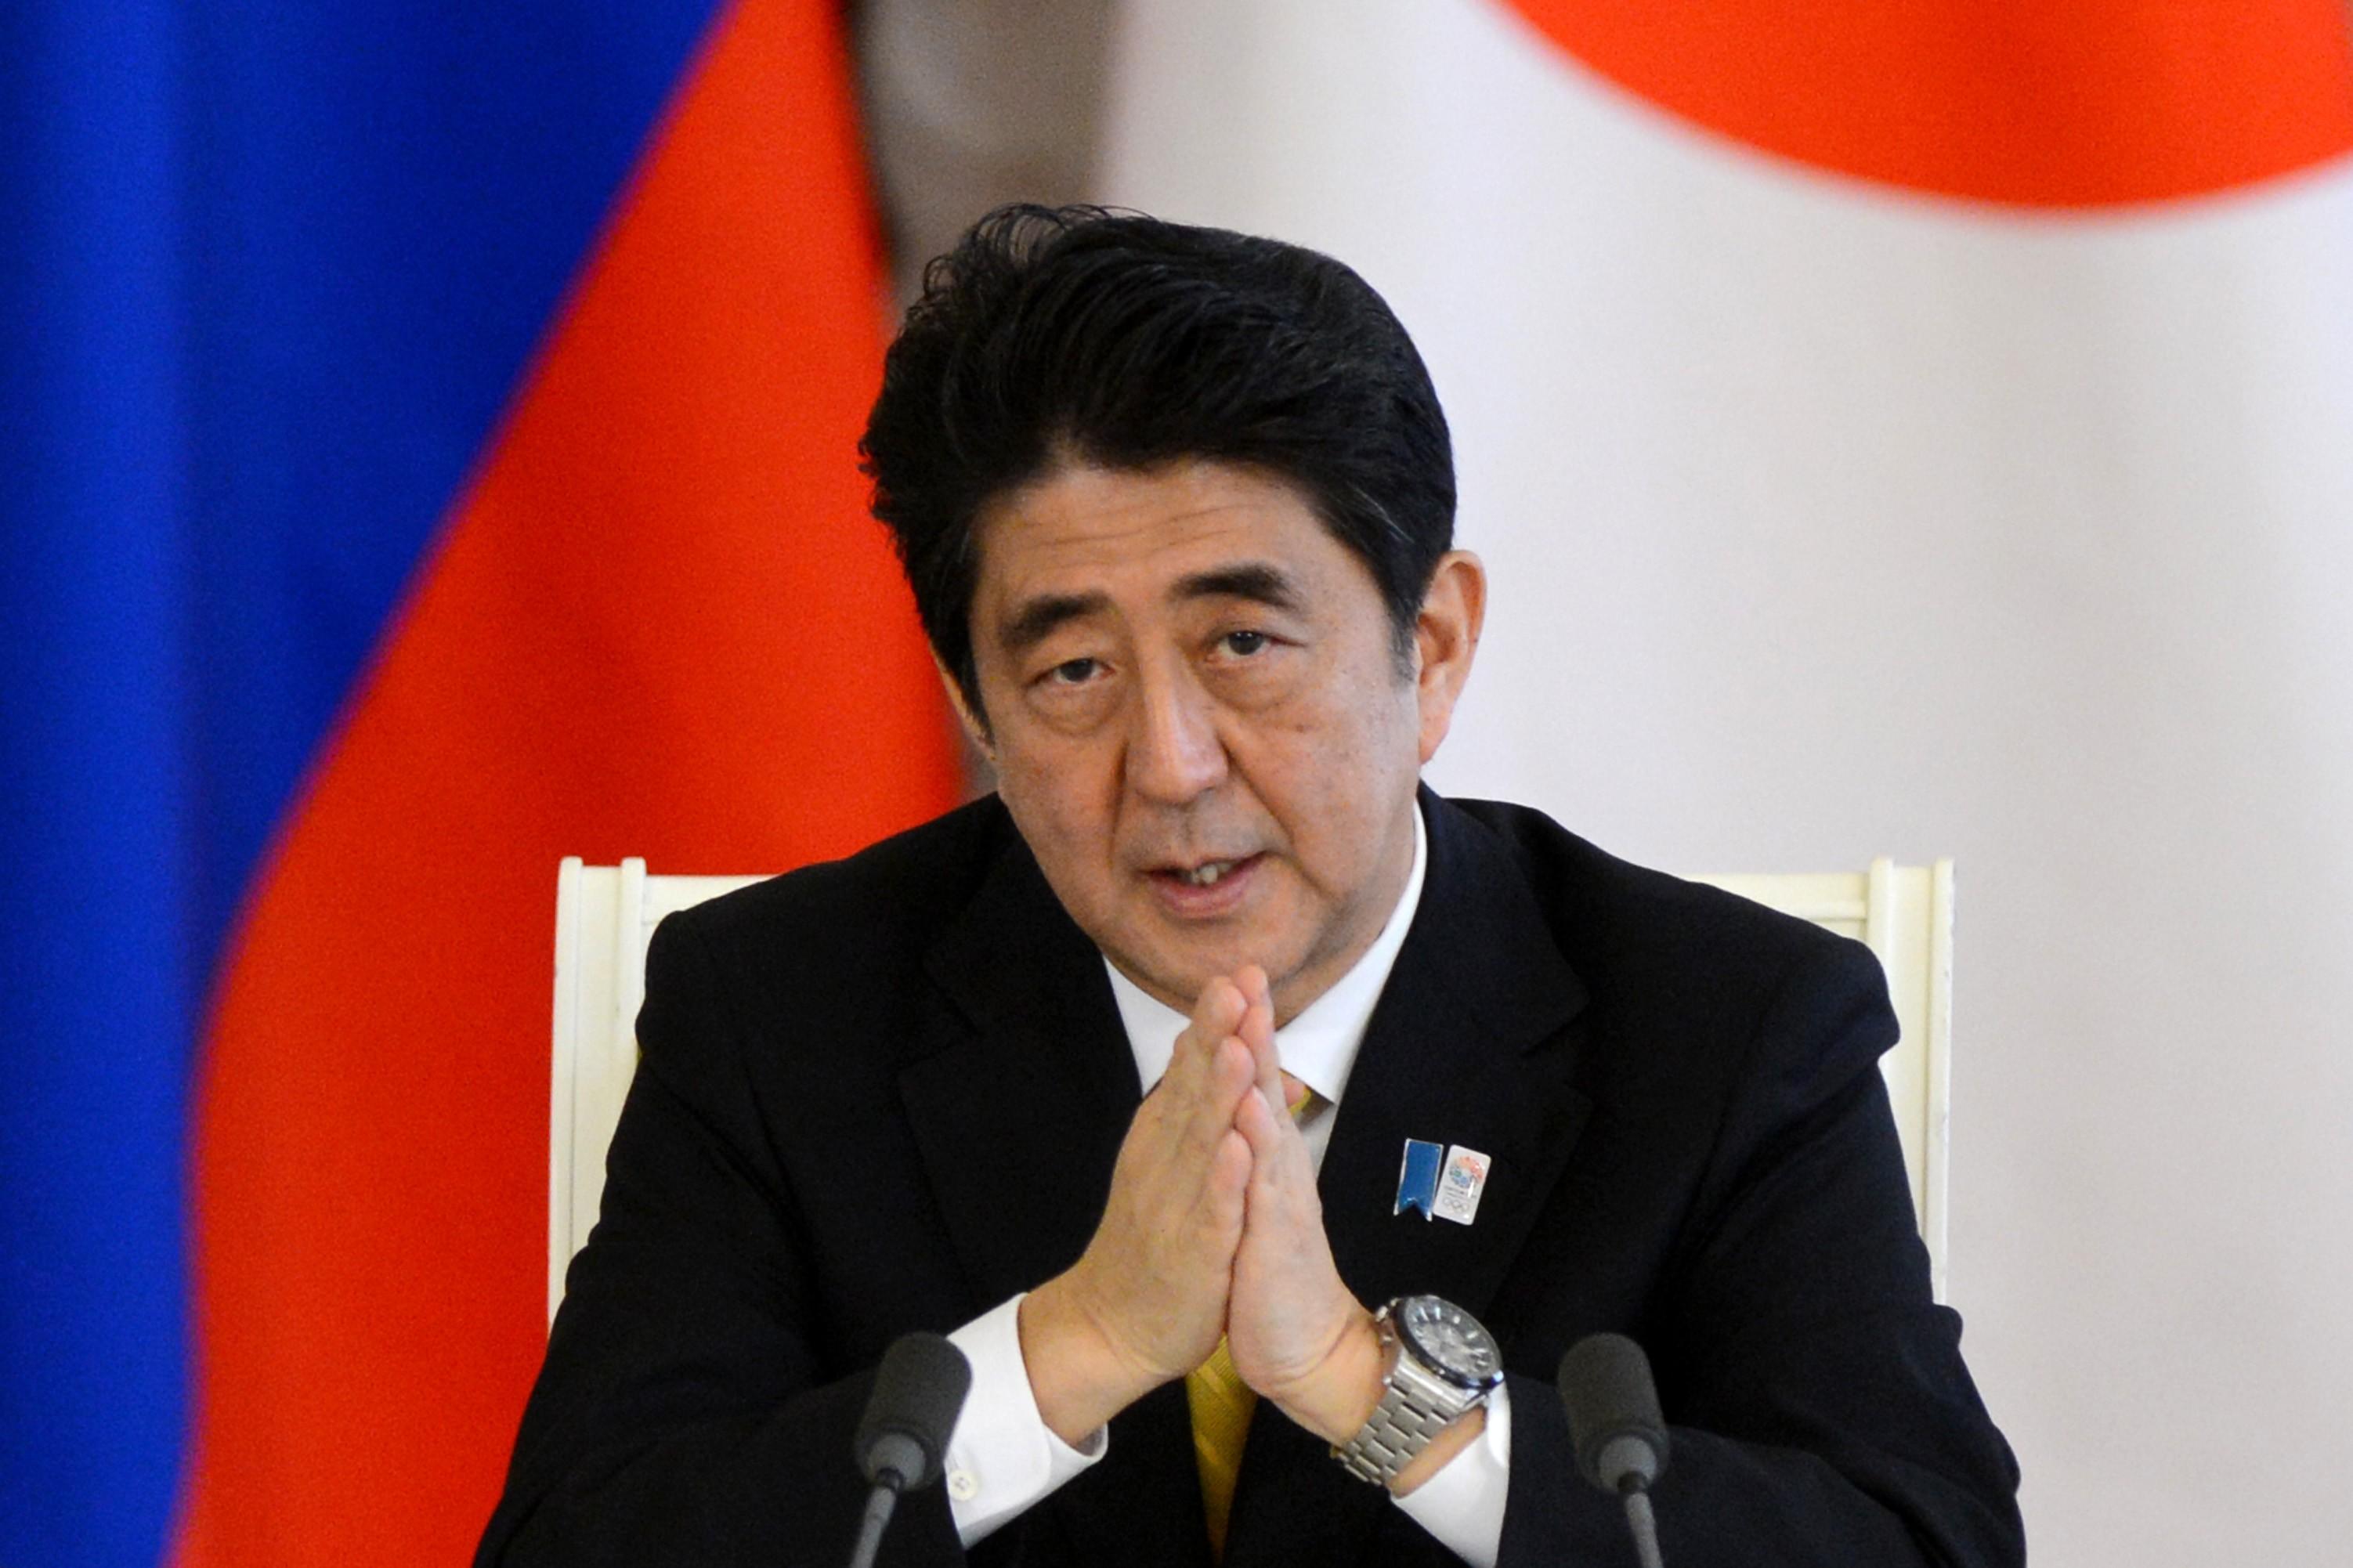 نخست وزیر ژاپن: ژاپن بابت جنگ جهانی دوم عذرخواهی کرده است